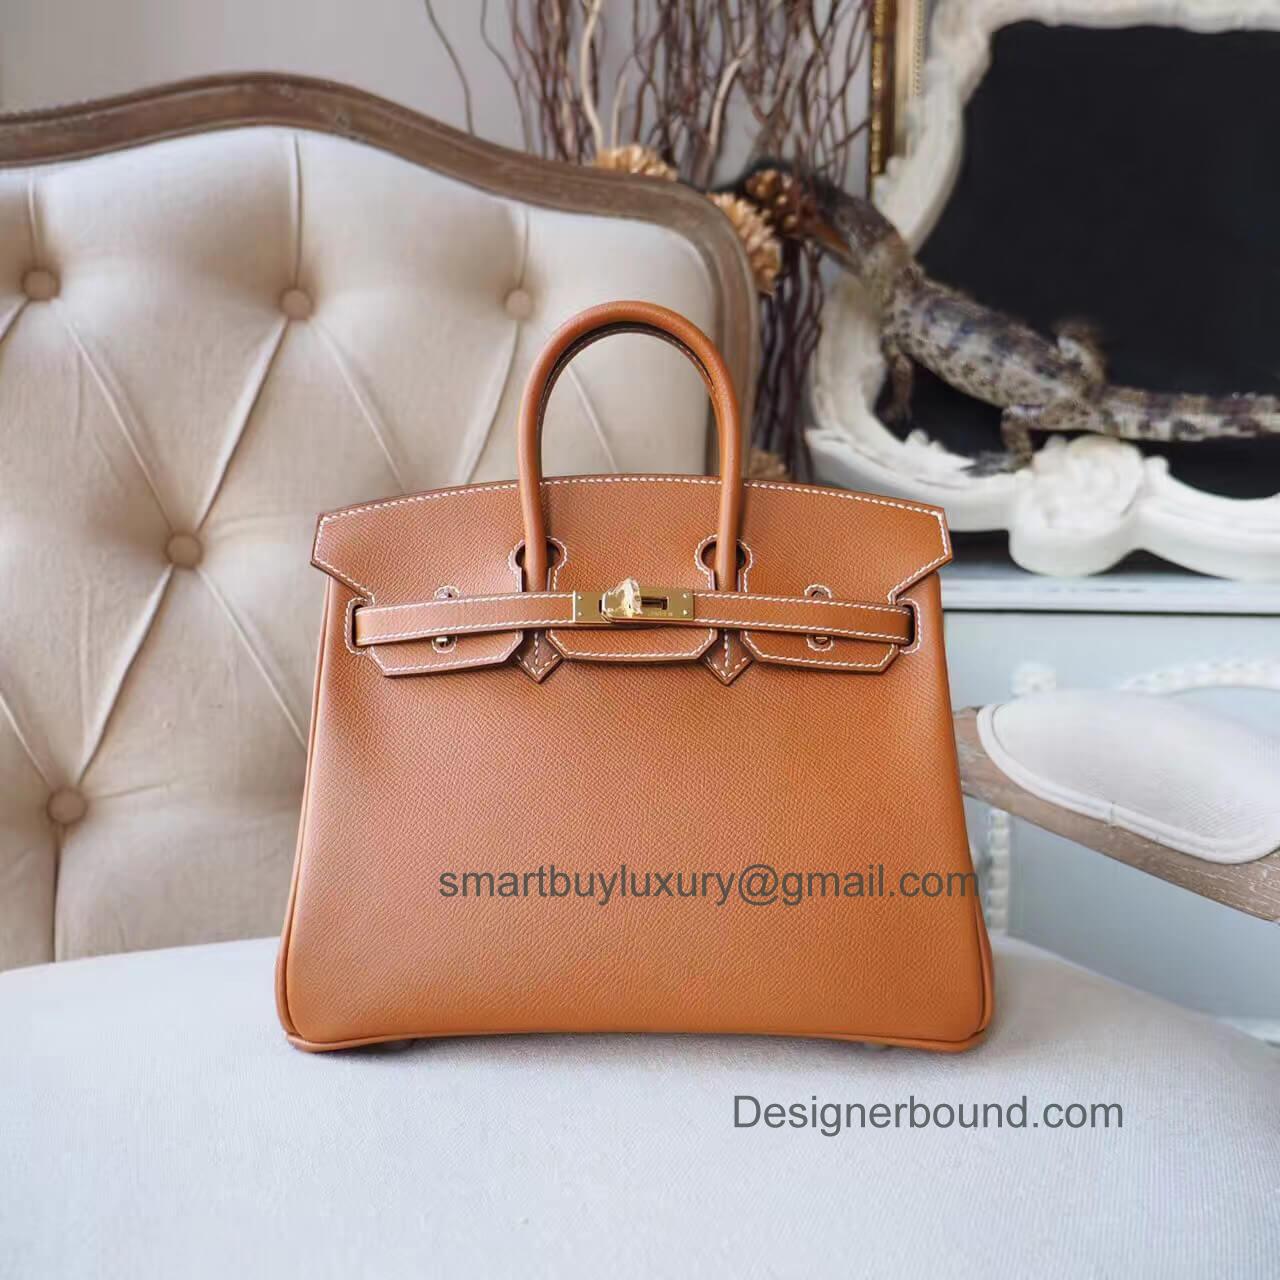 5a546a6e87 Hermes Replica Handbags - DesignerBound.com